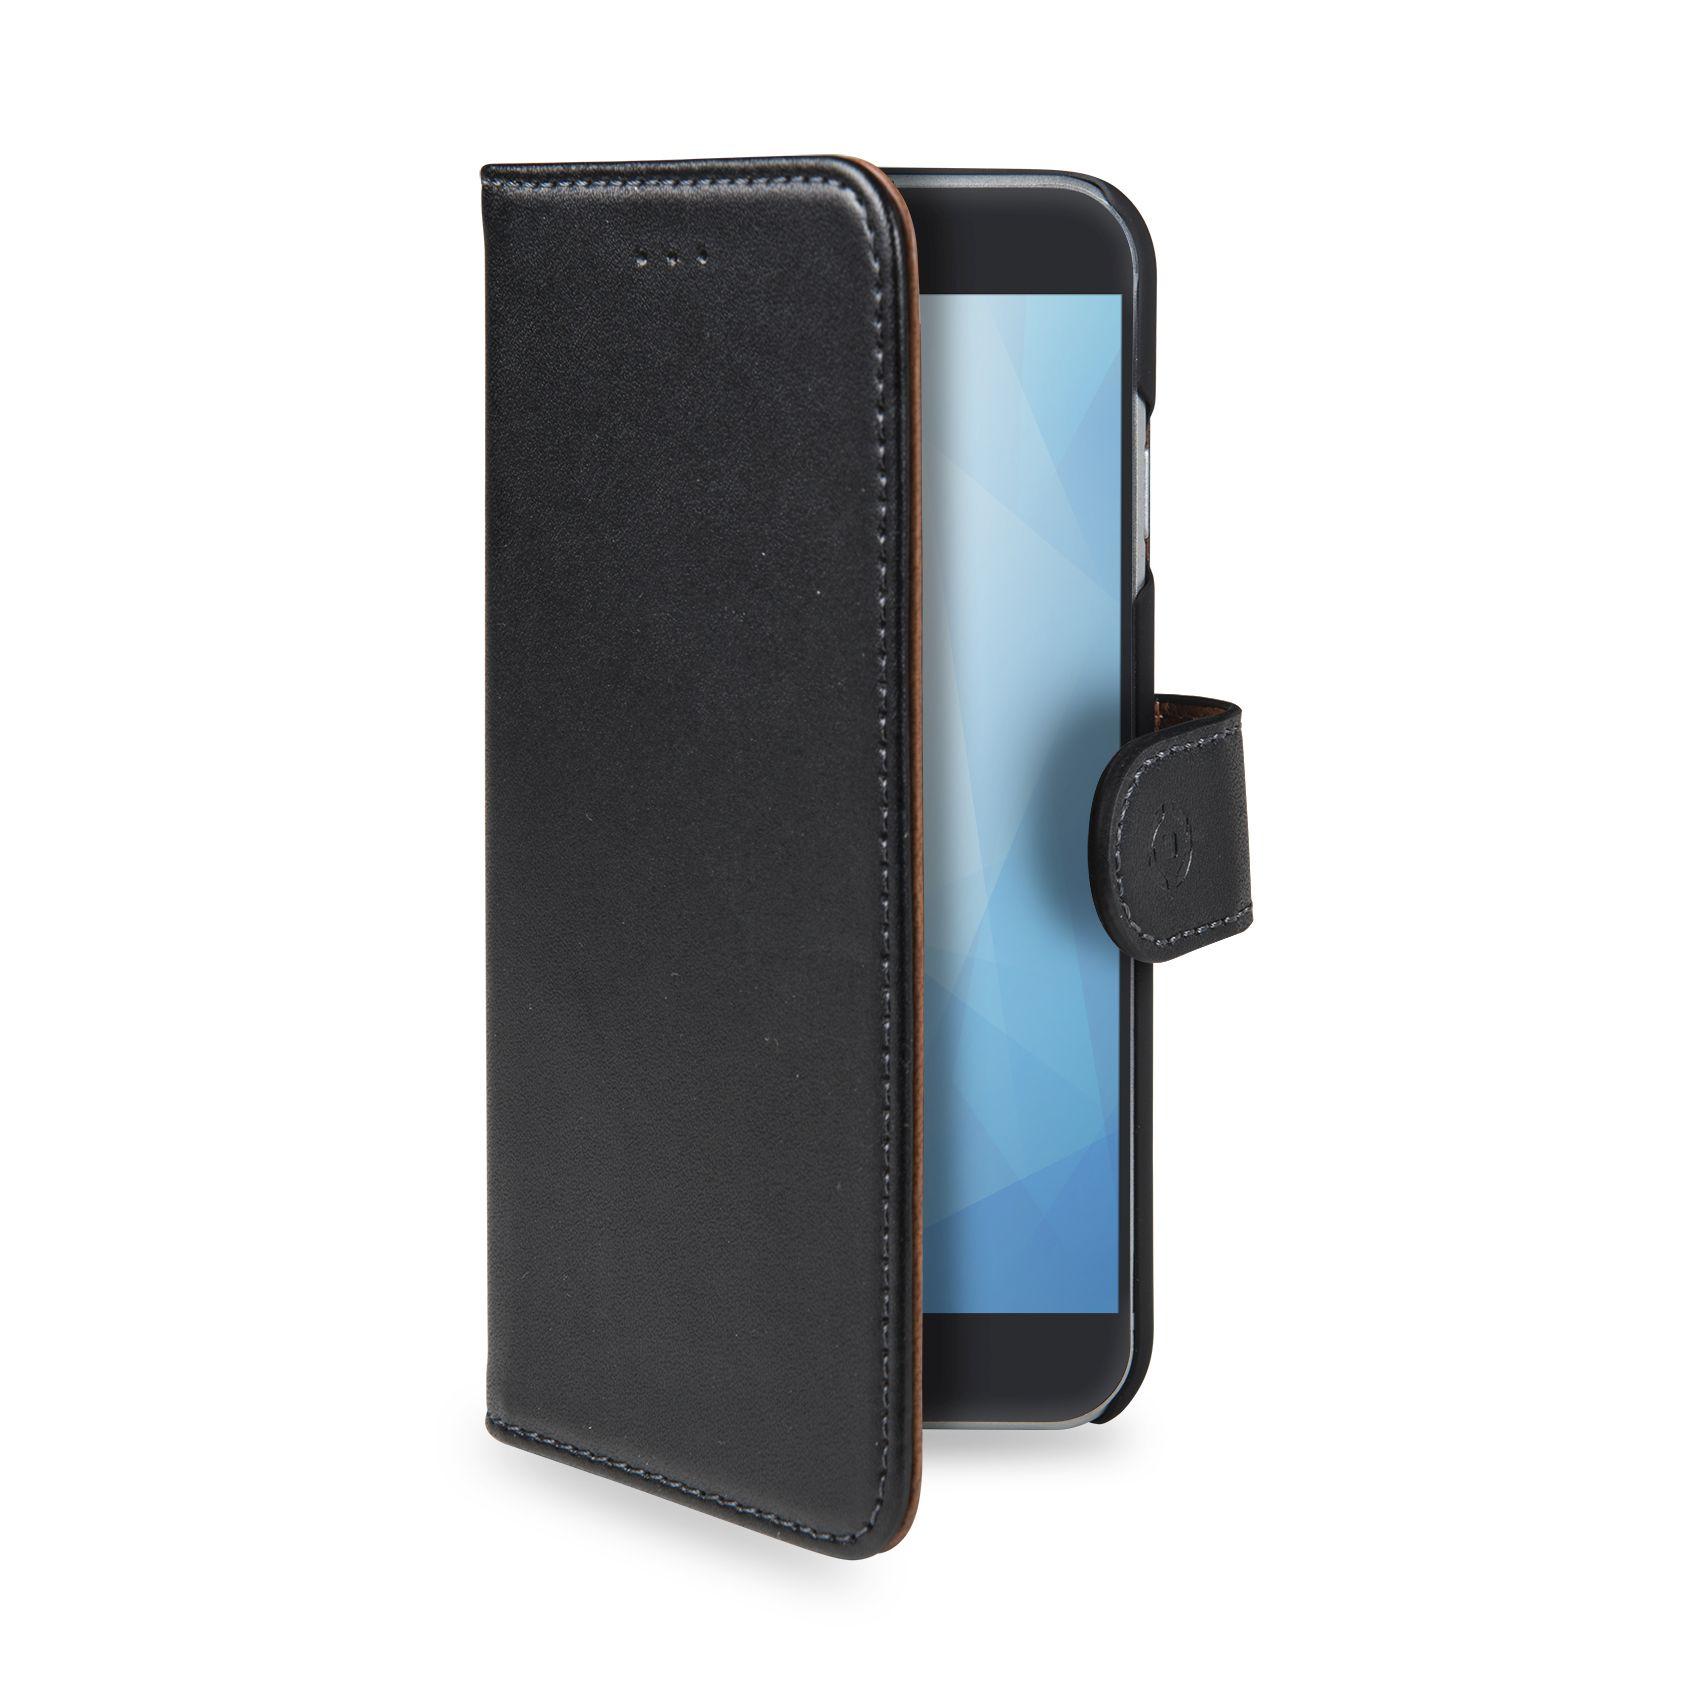 Pouzdro typu kniha Wallet Honor 7C, černé